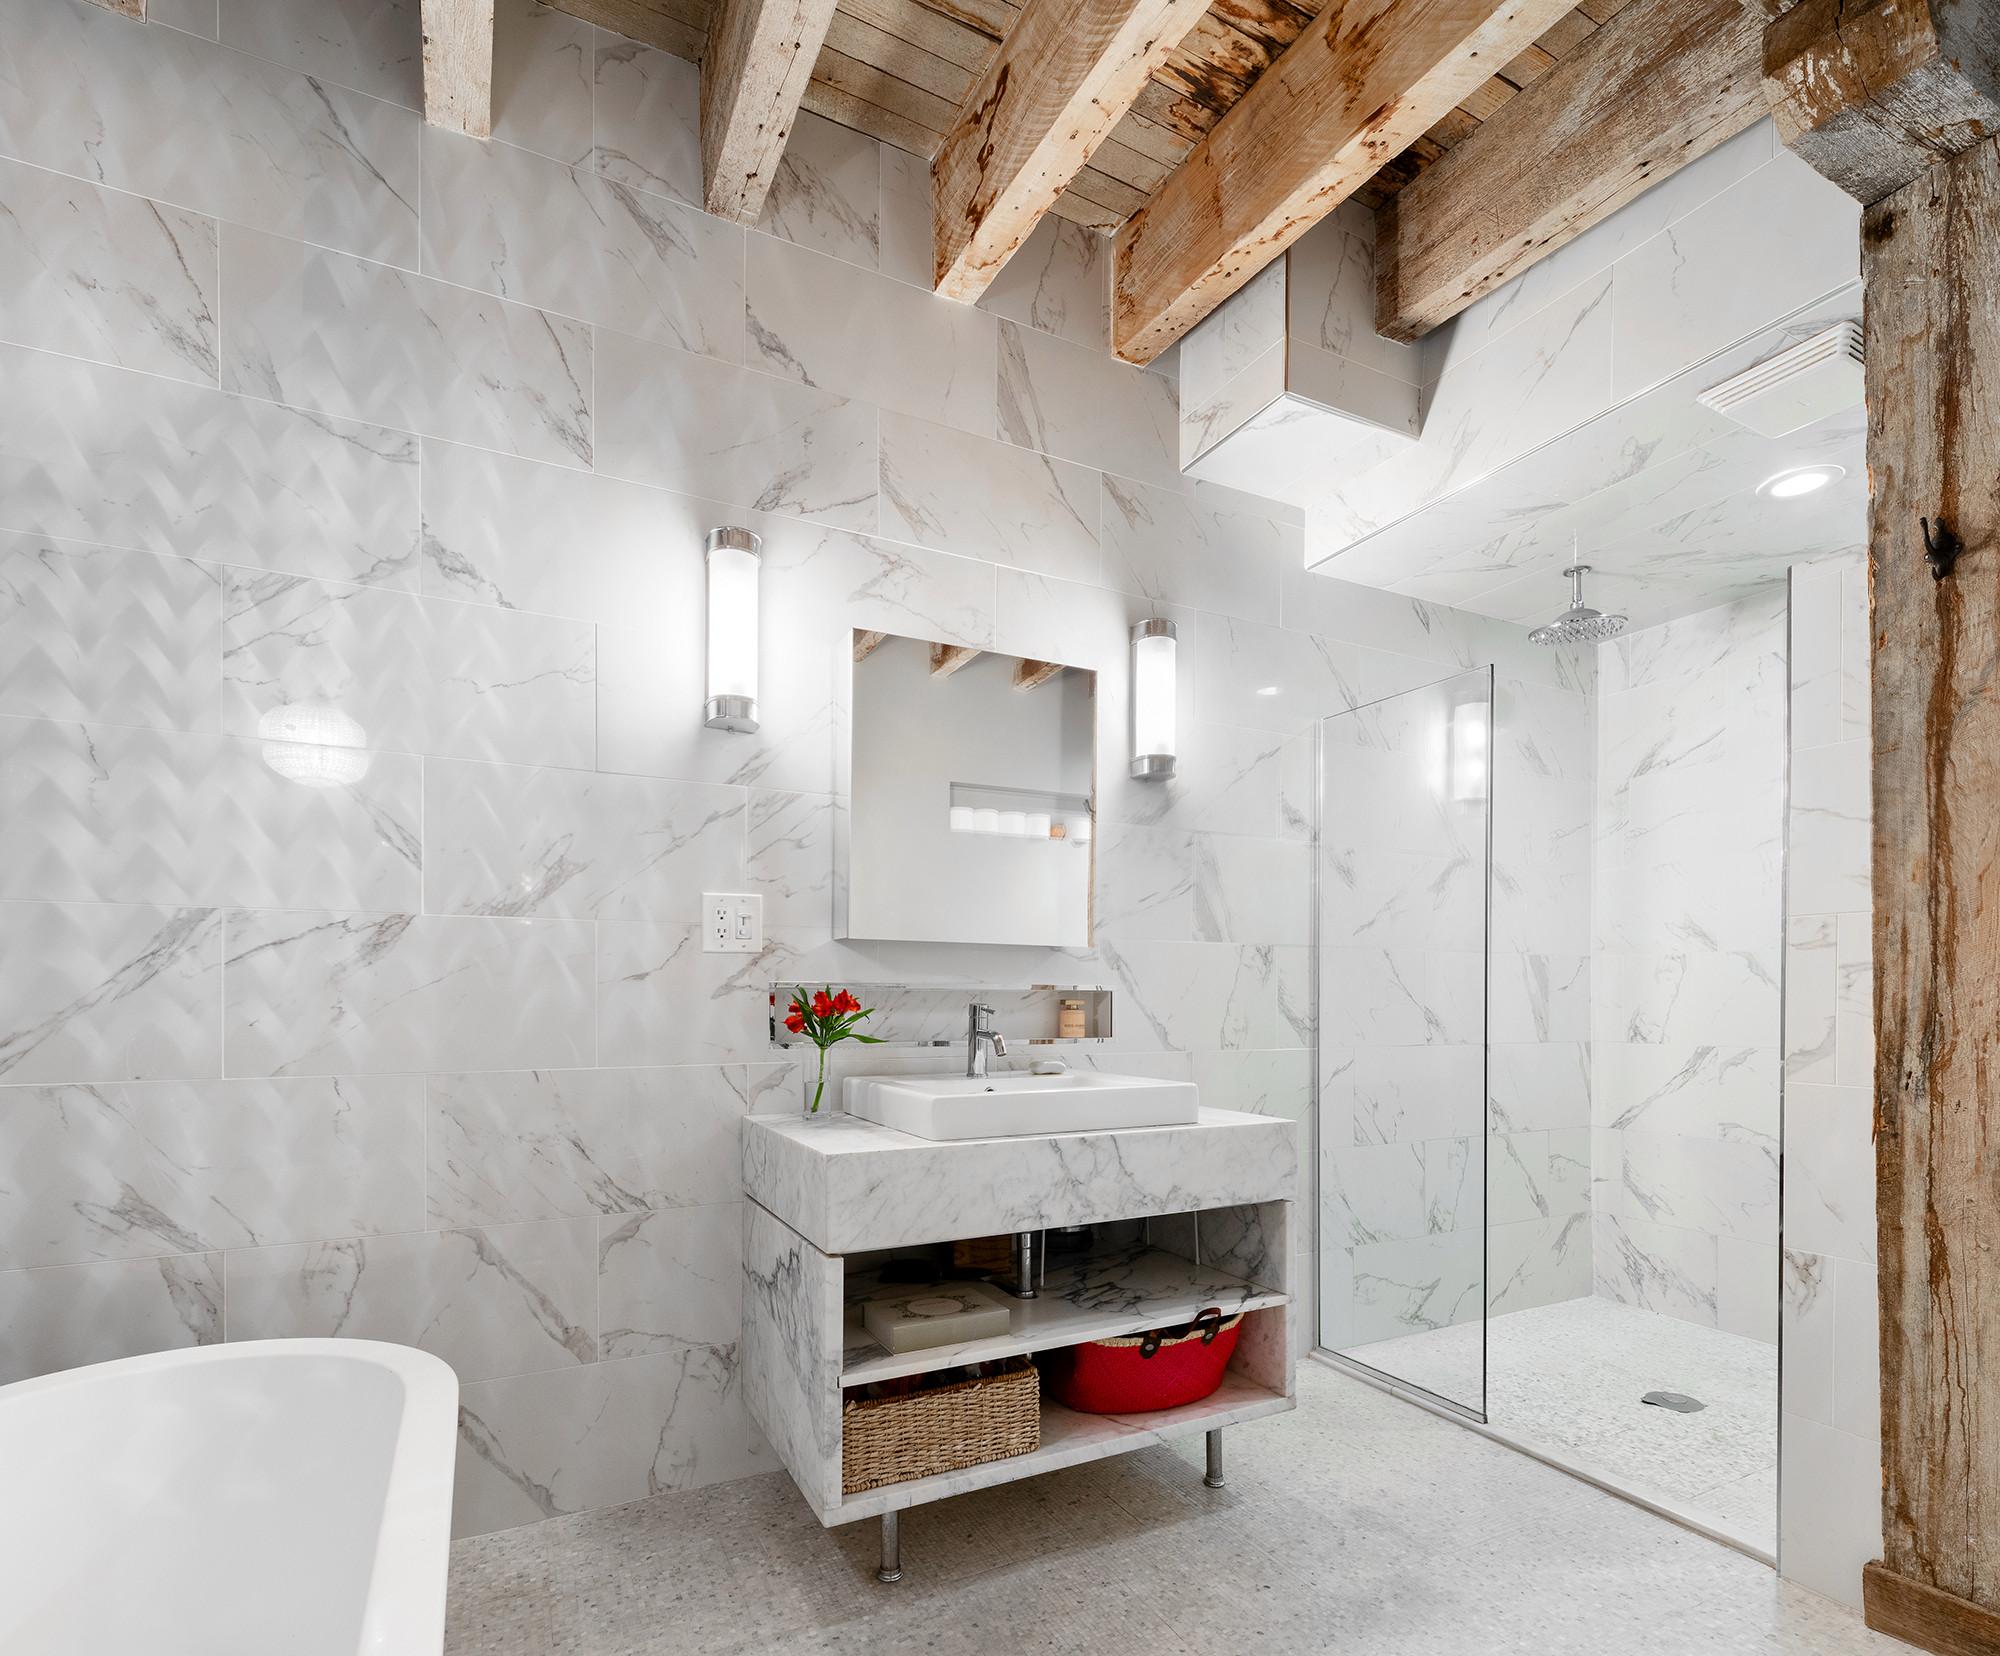 Biggie Smalls' Apartment Bathroom